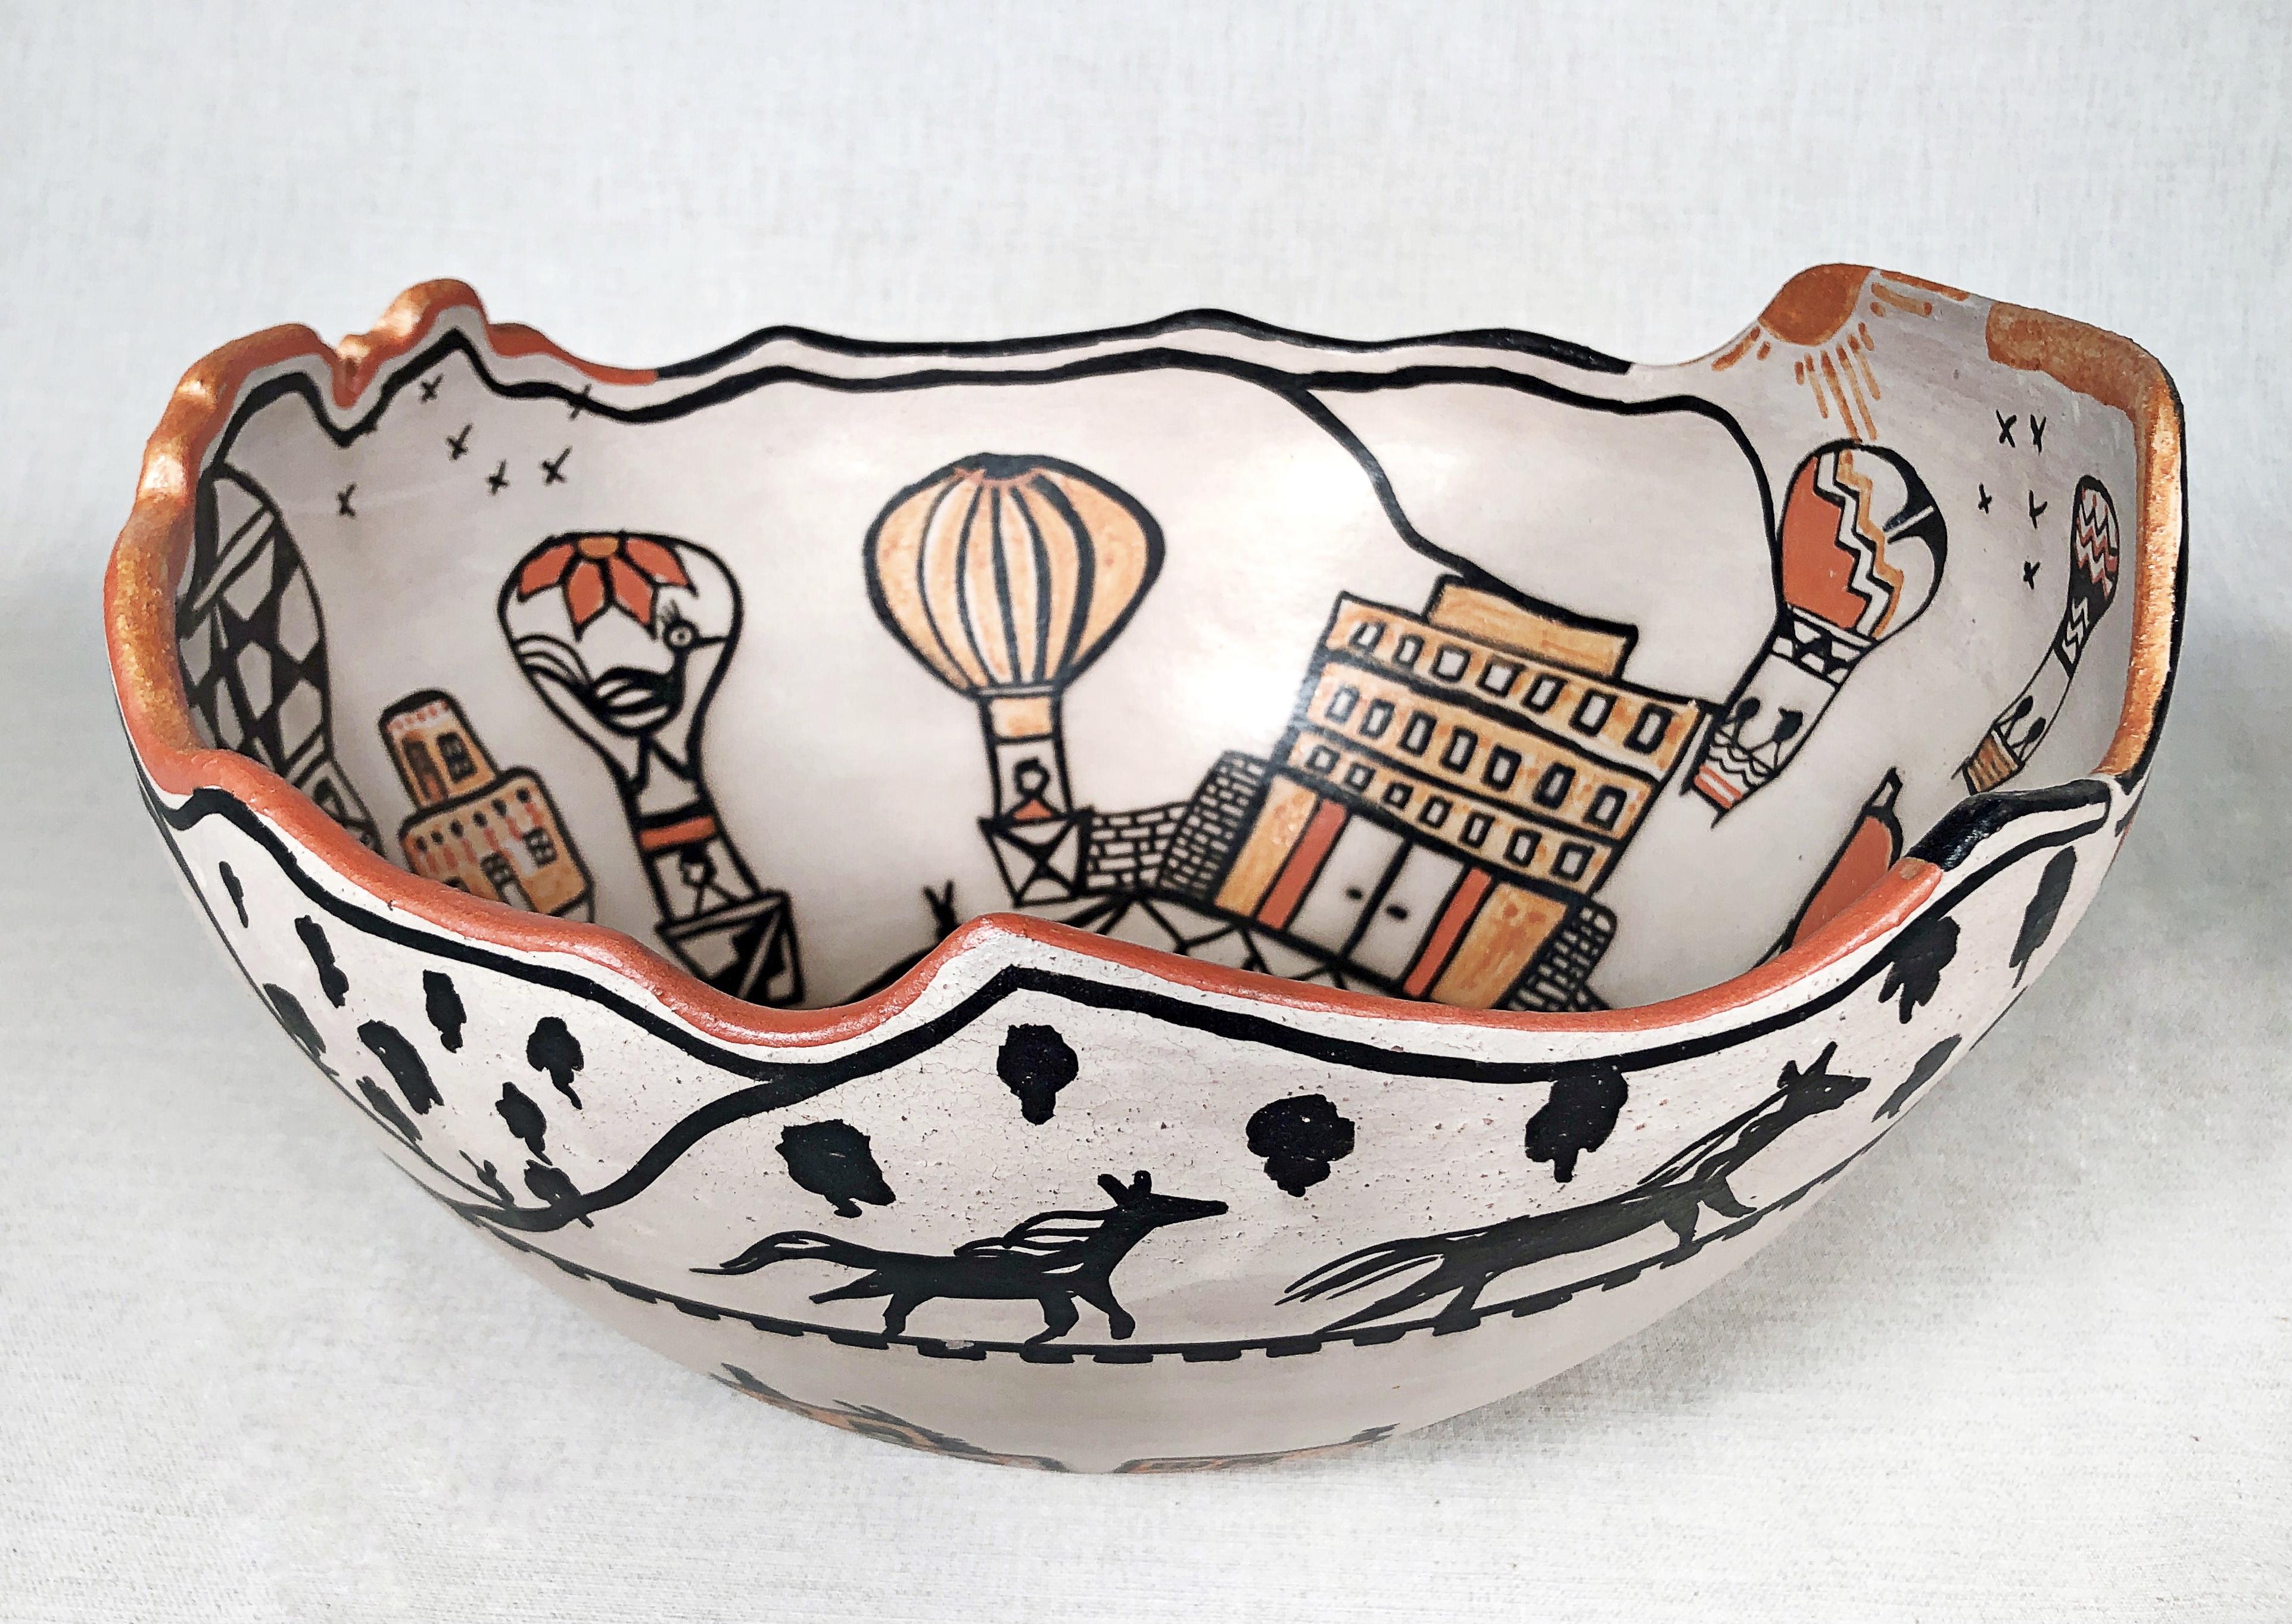 Kewa Pottery